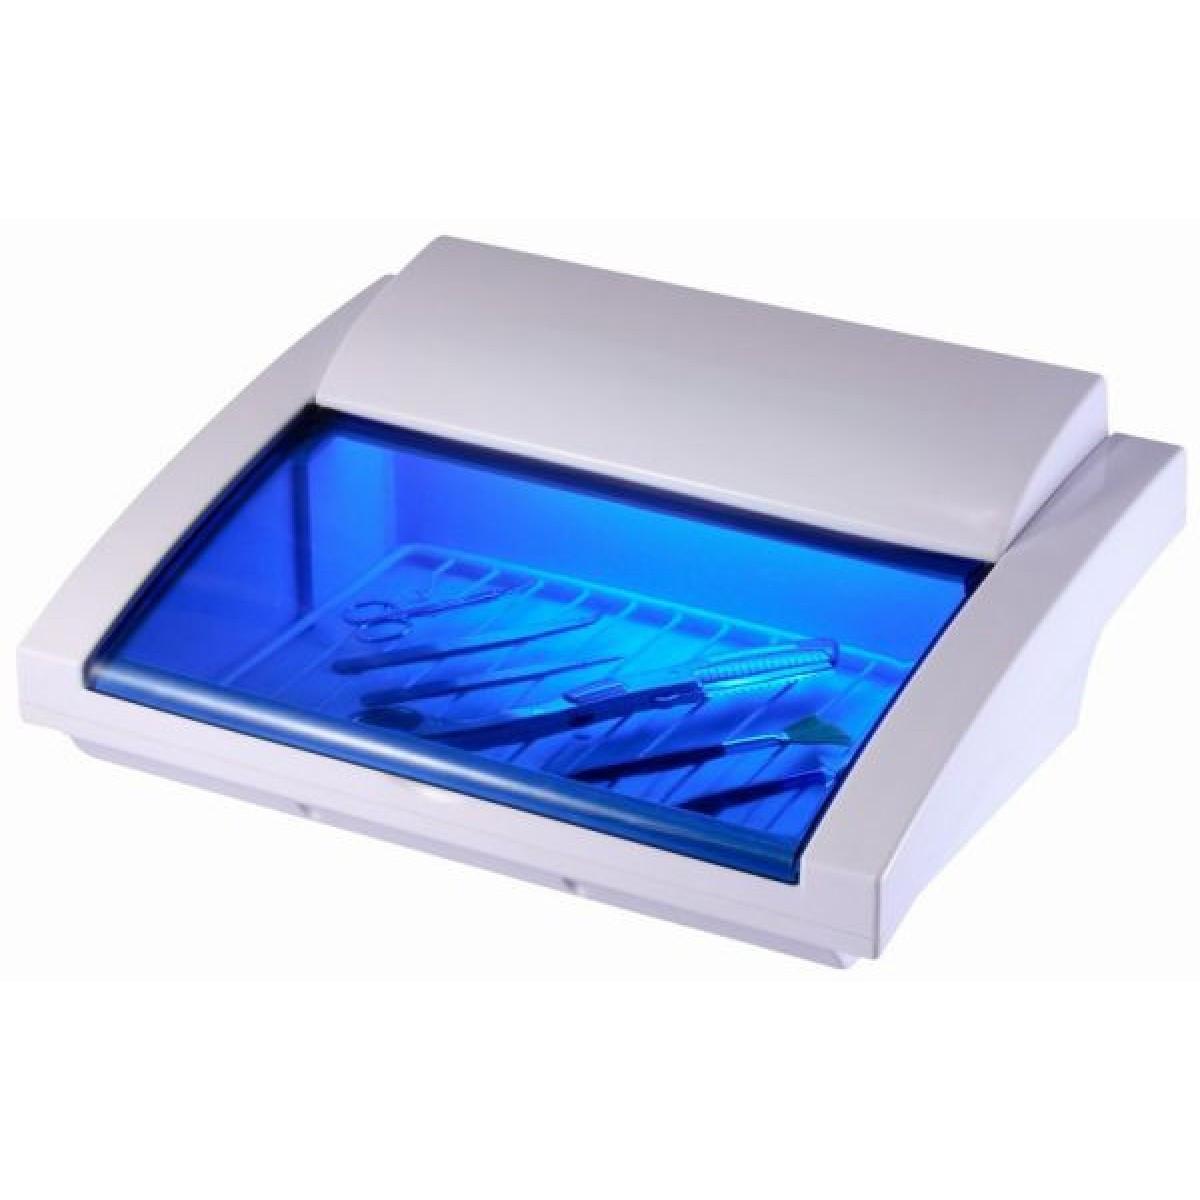 Ультрафіолетовий стерилізатор, камера для зберігання інструментів